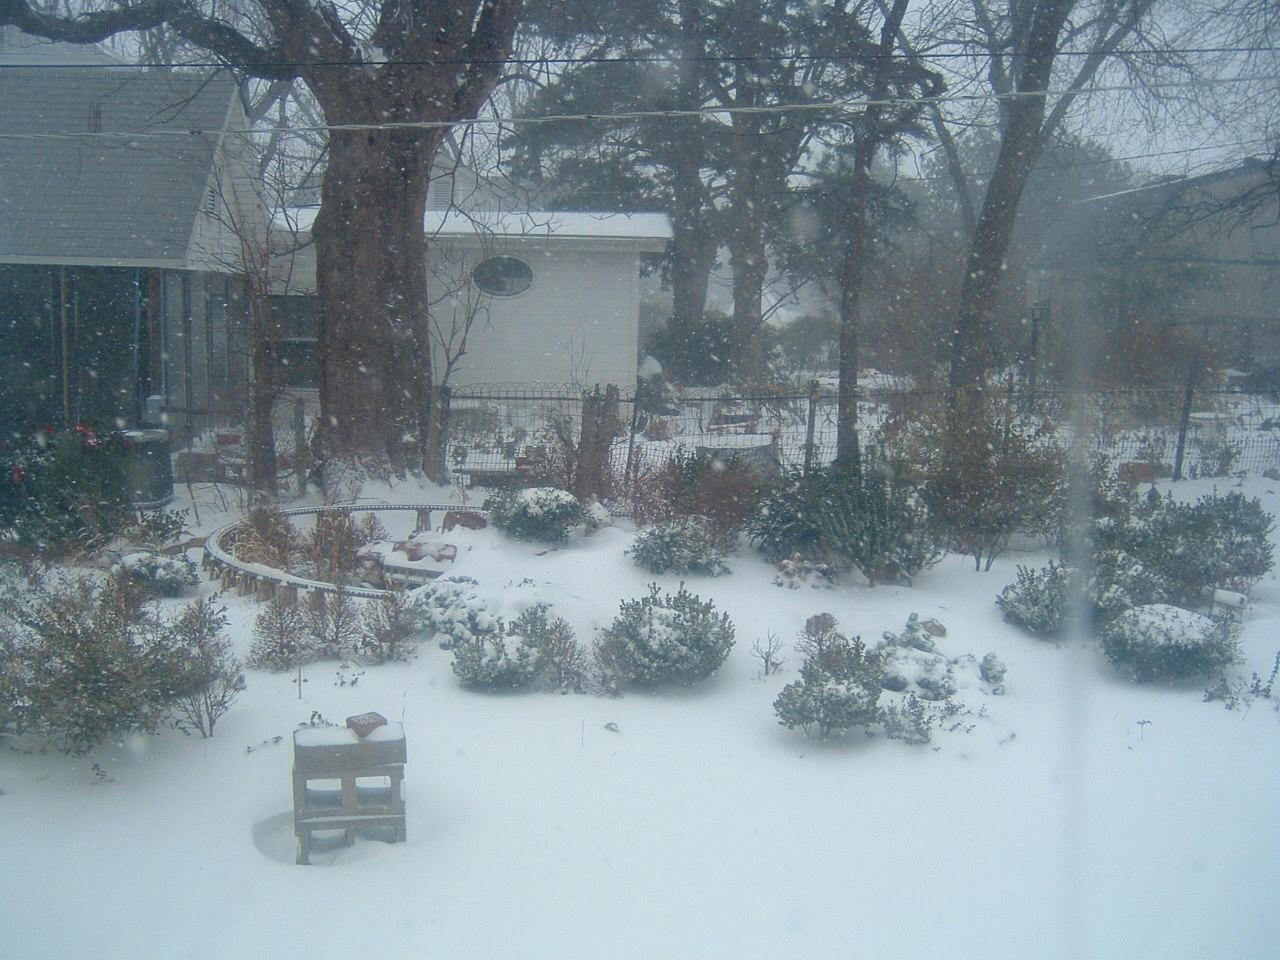 Blizzard 2009